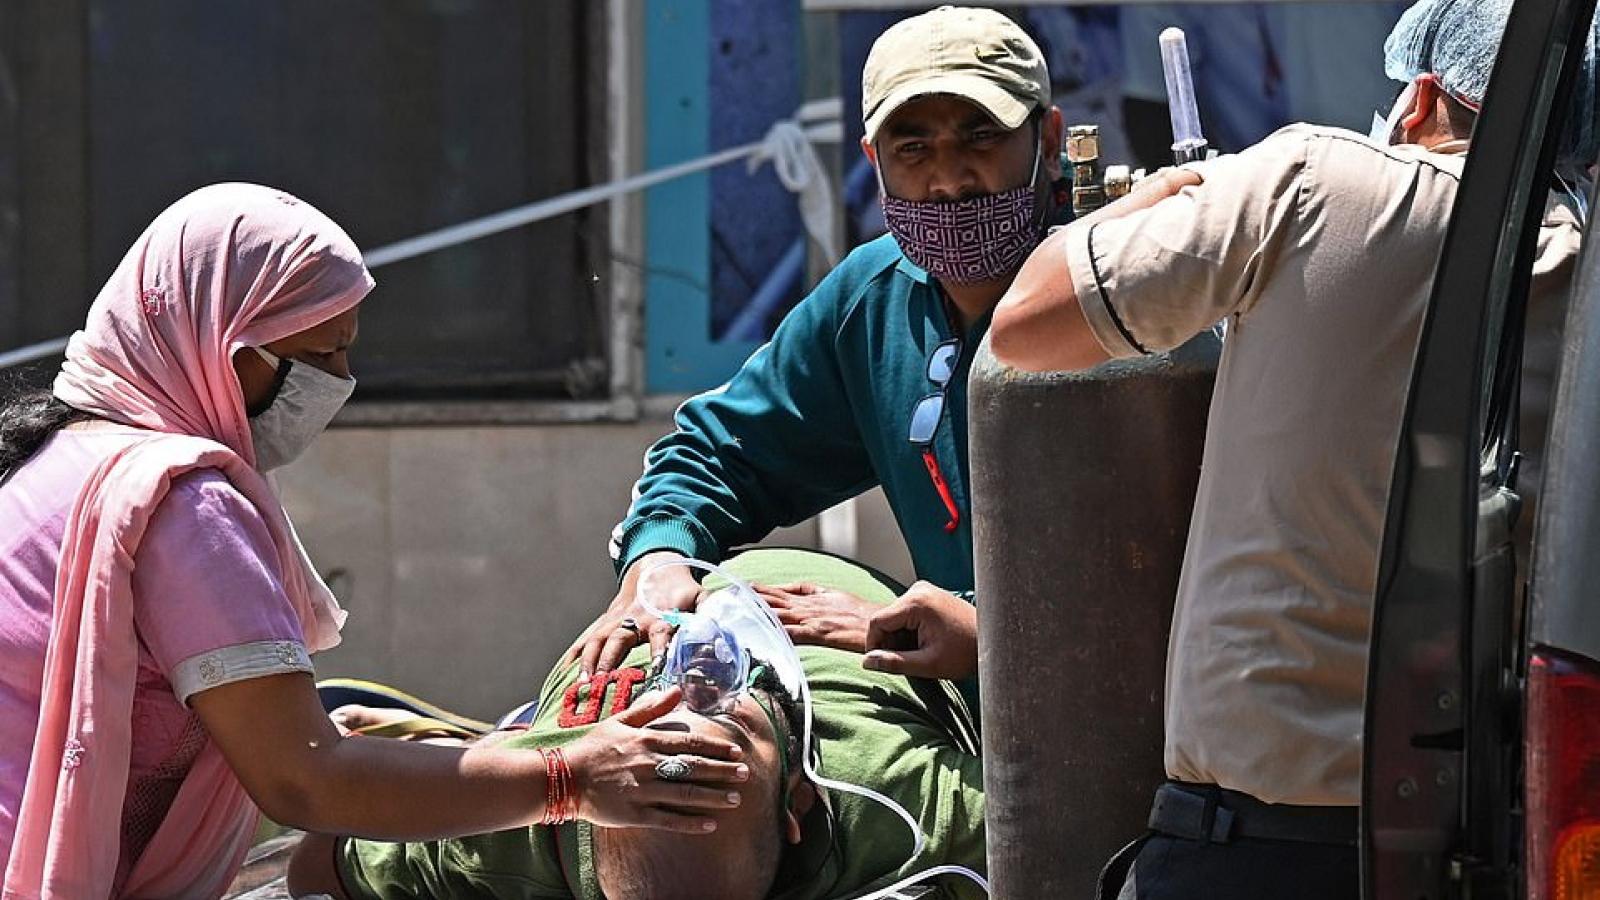 Tử thần cận kề, nhiều bệnh nhân Covid-19 Ấn Độ khắc khoải chờ bình oxy và máy thở